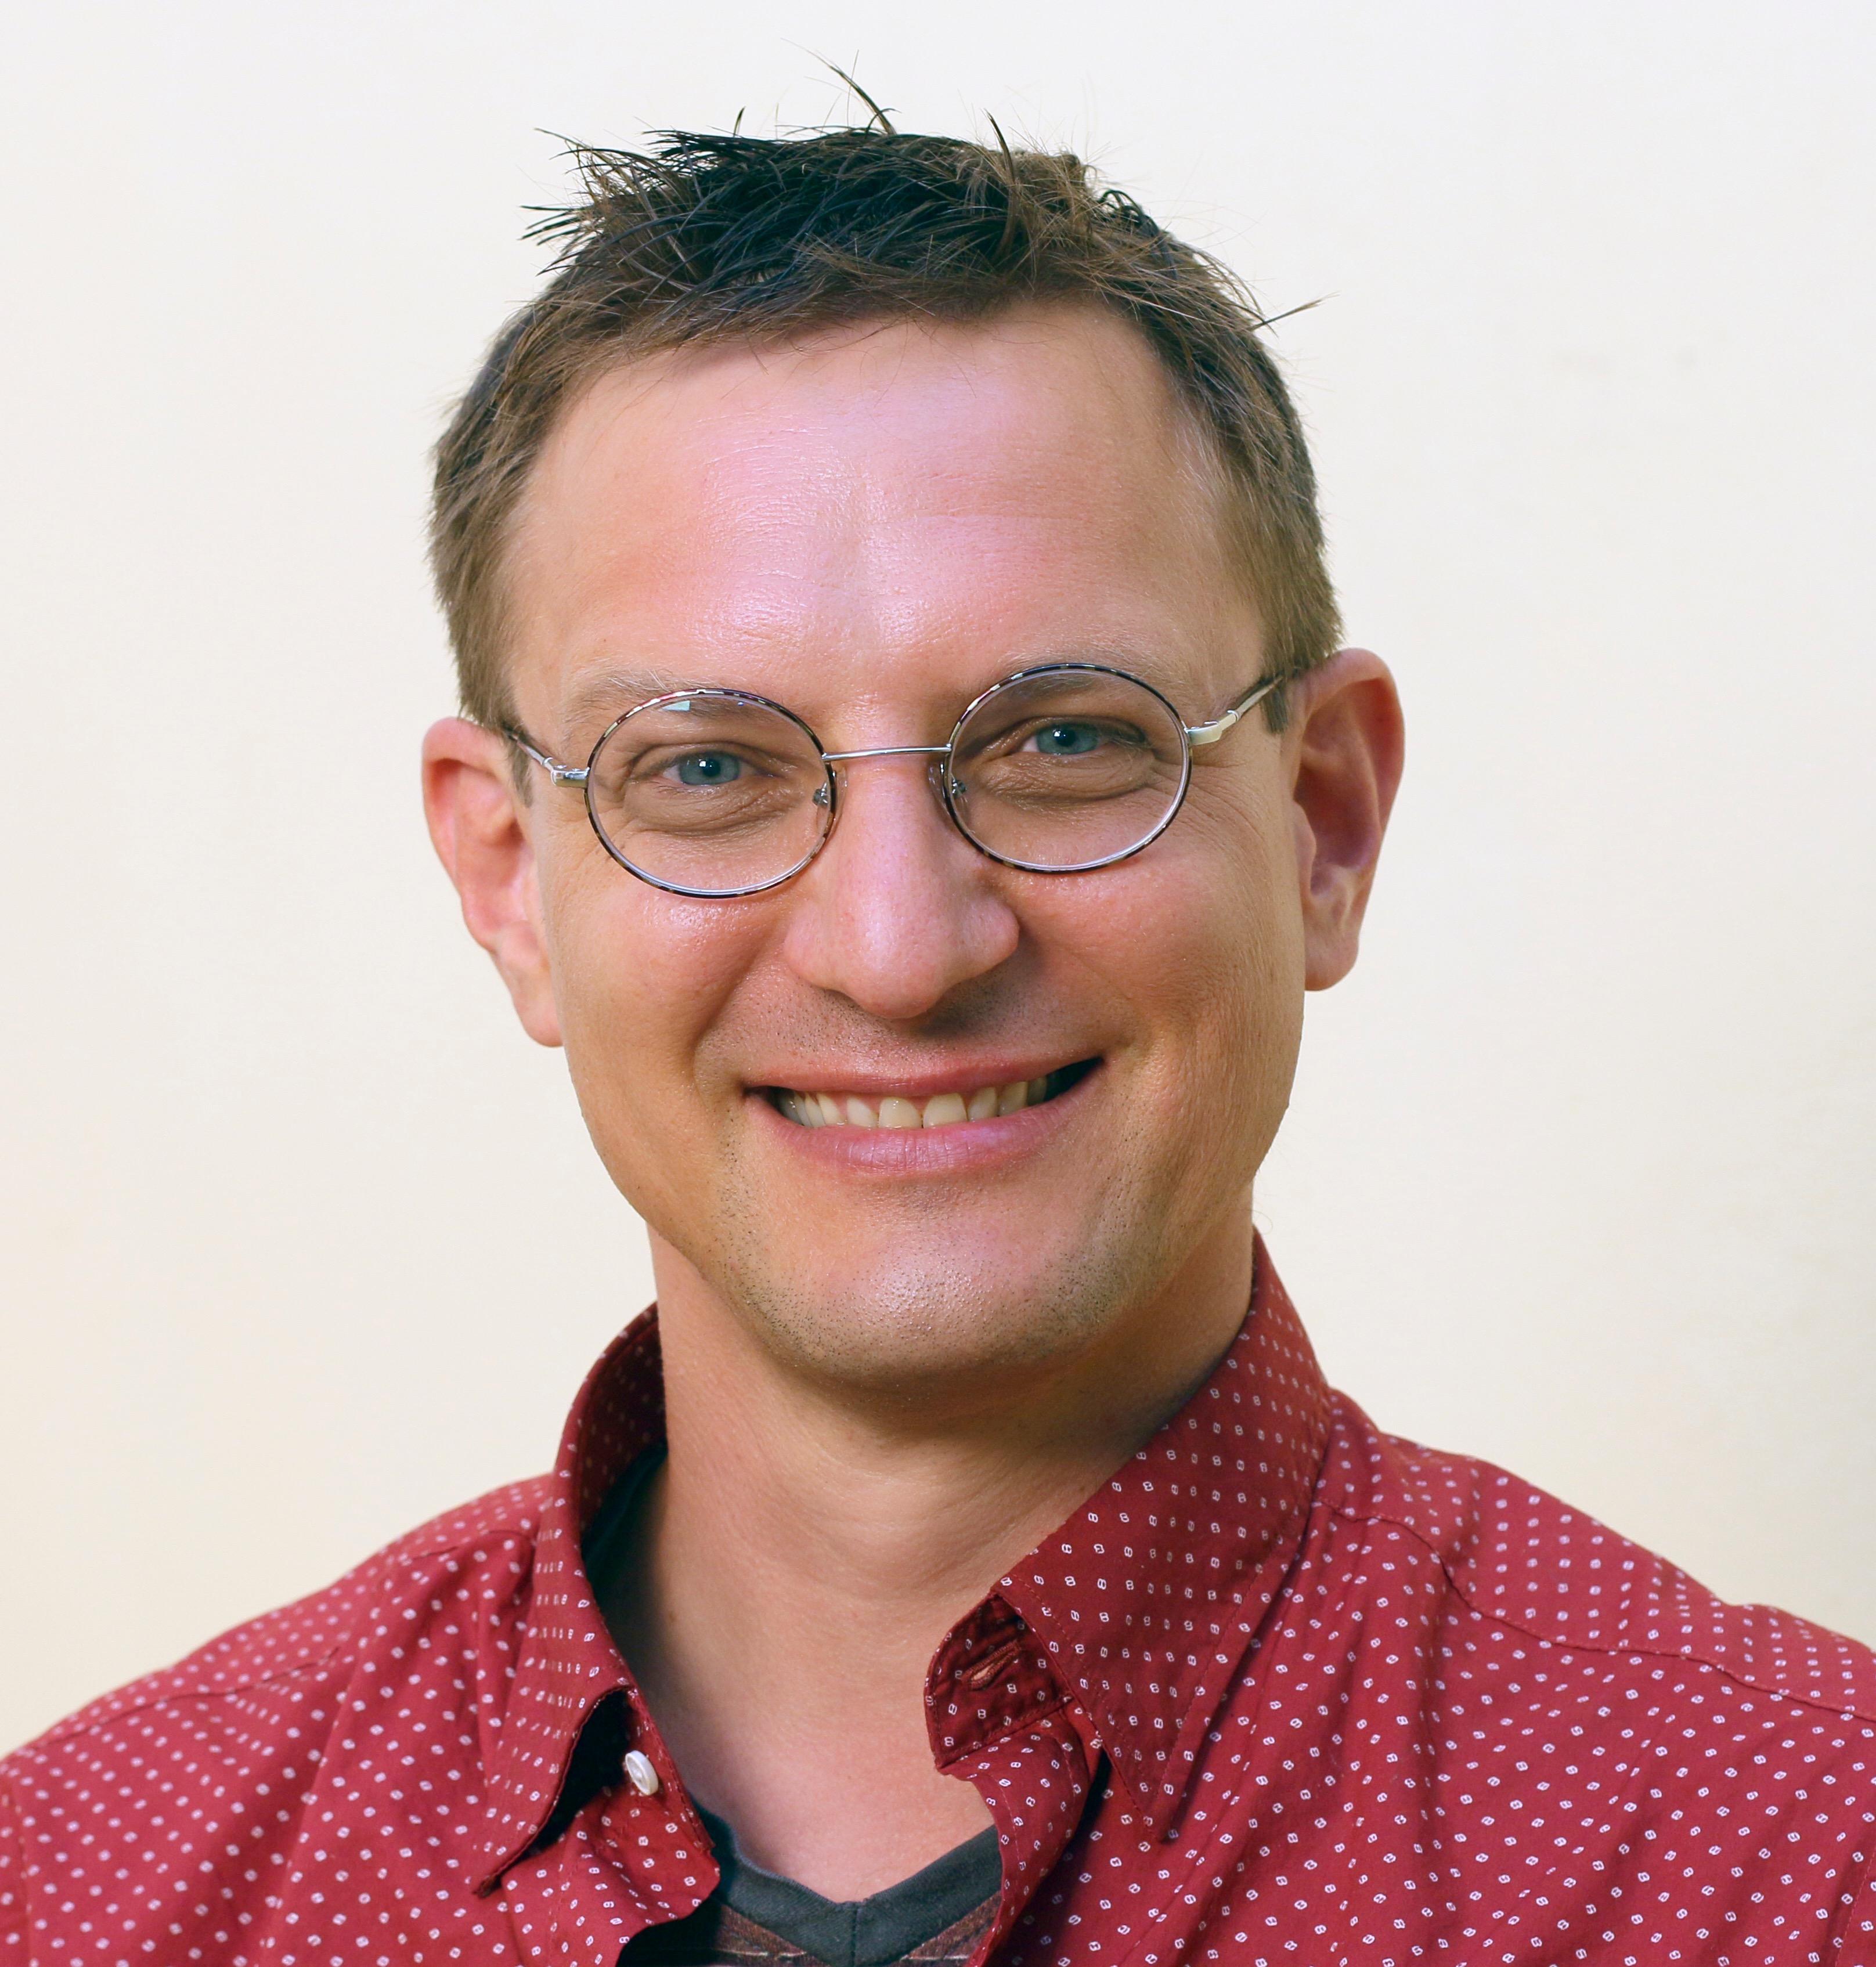 Stefan Datt